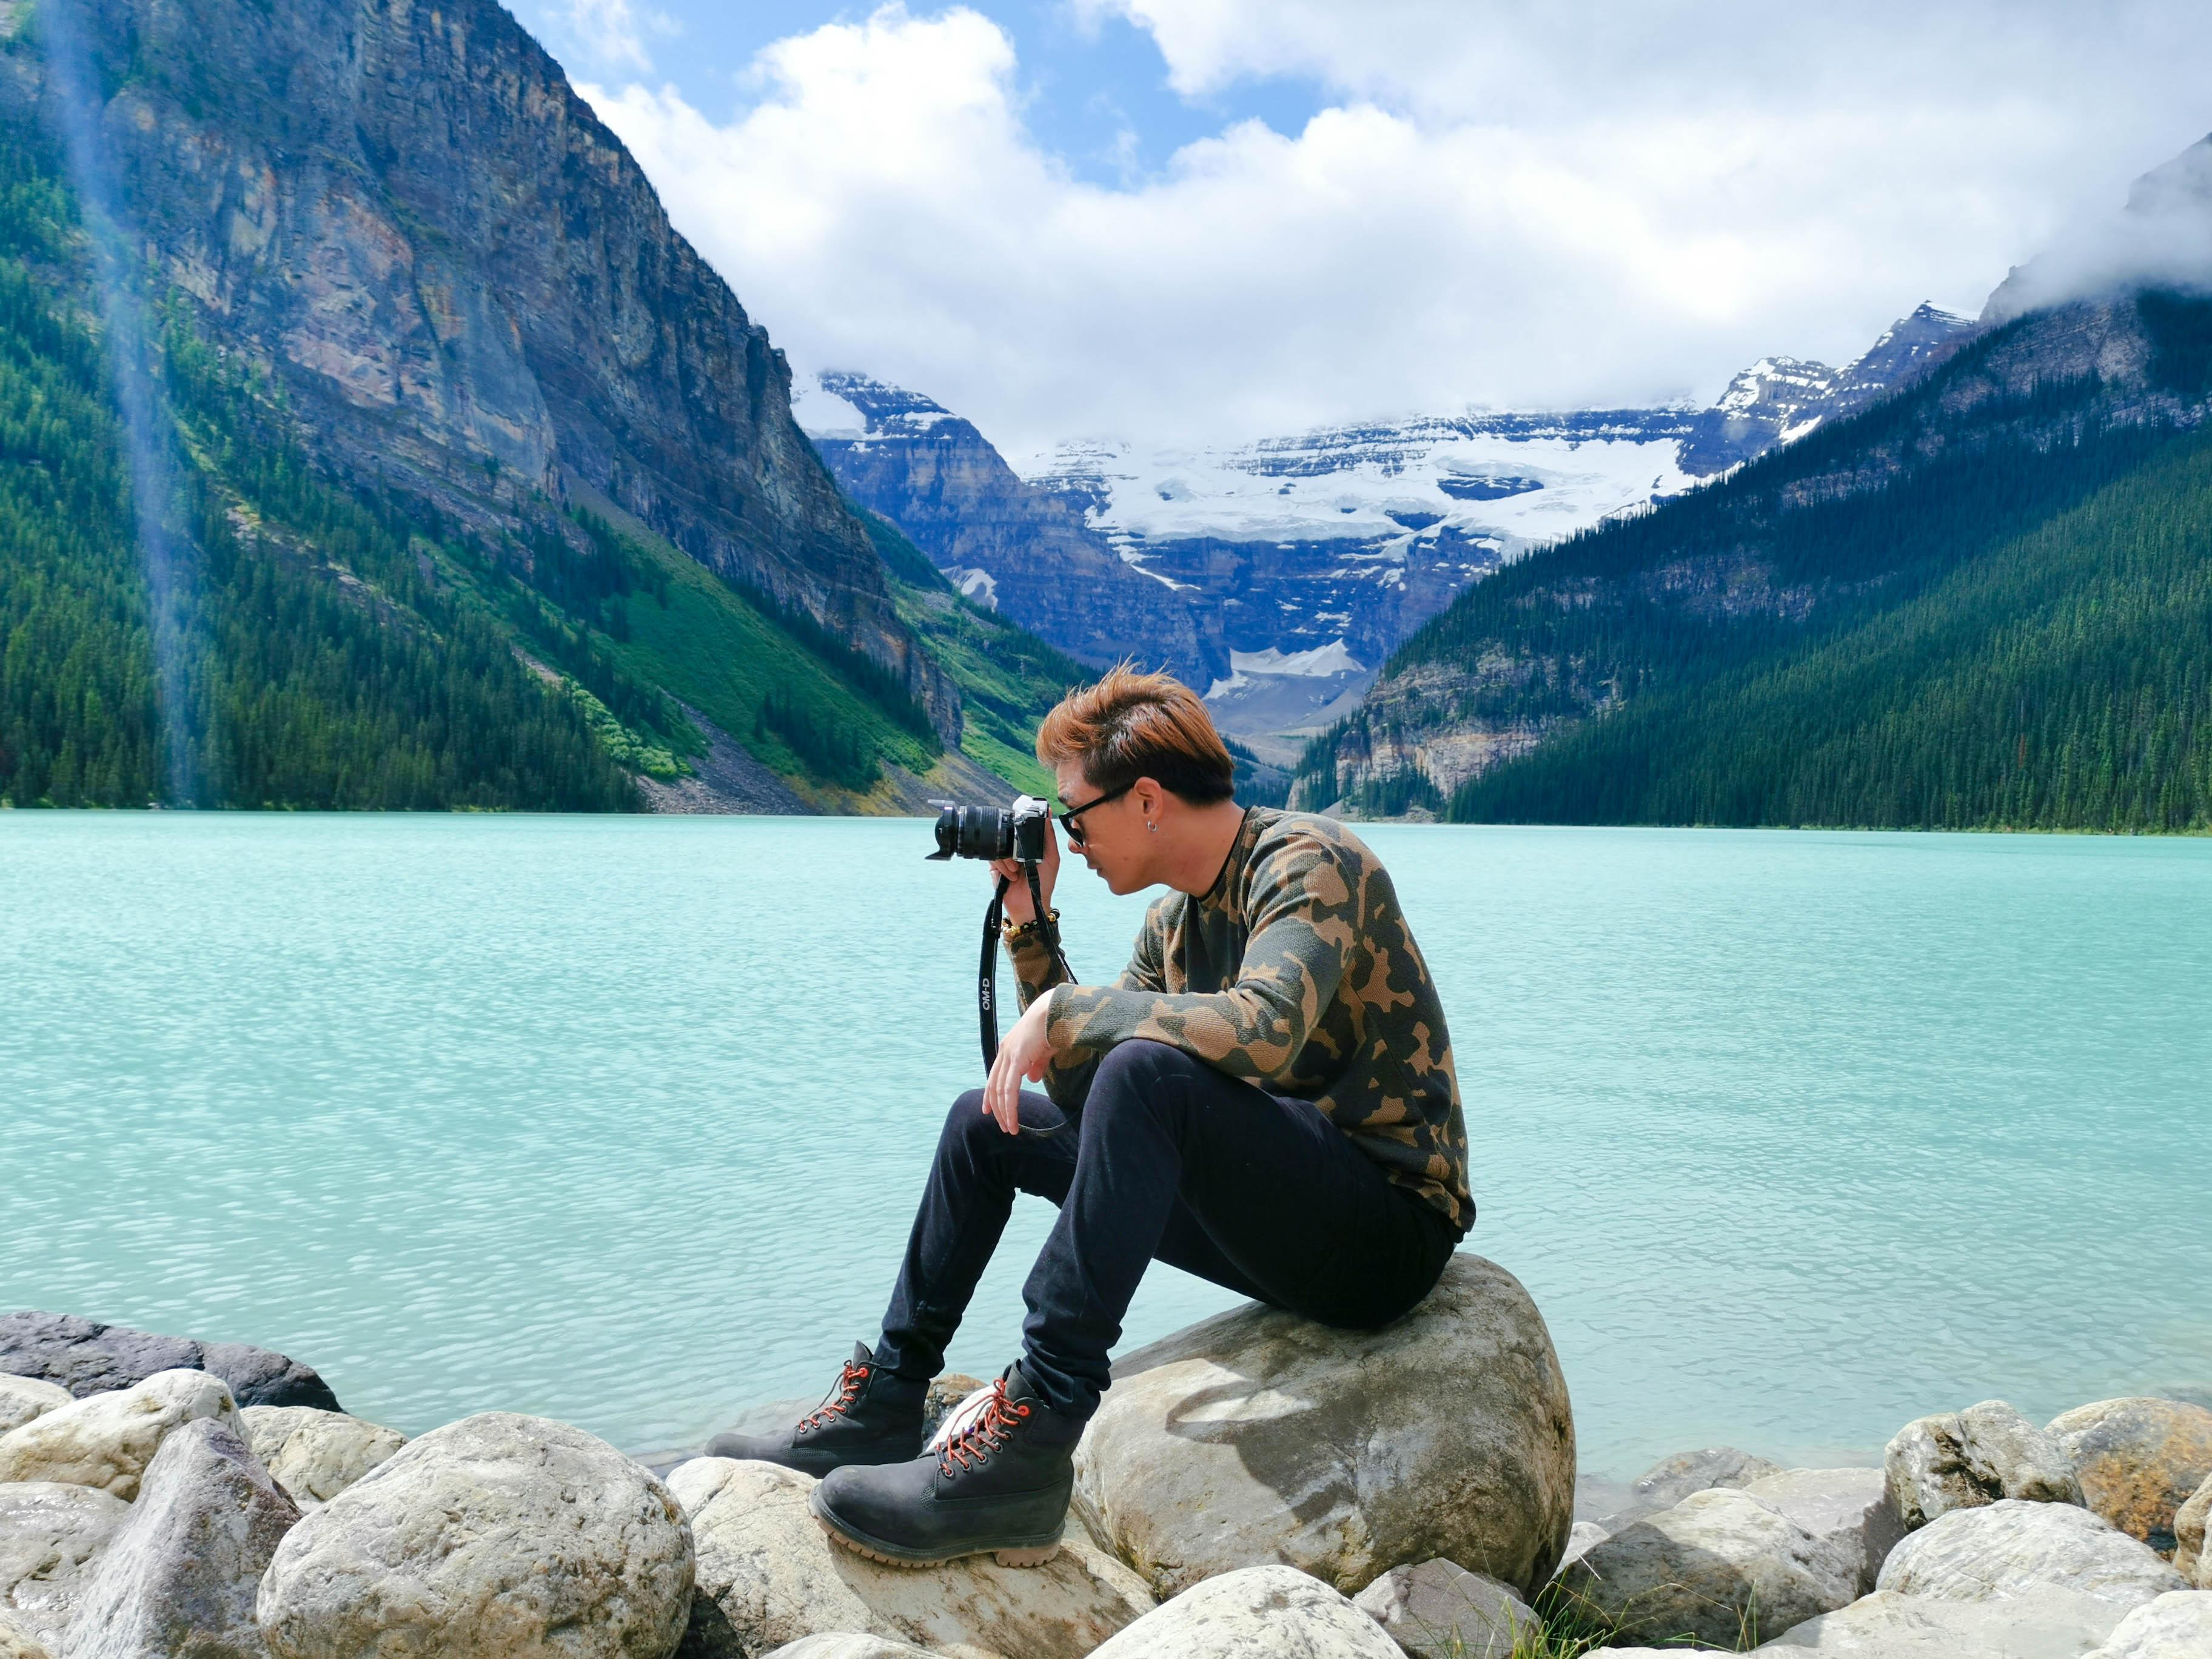 Lake louise เที่ยวแคนาดา ทัวร์แคนาดา